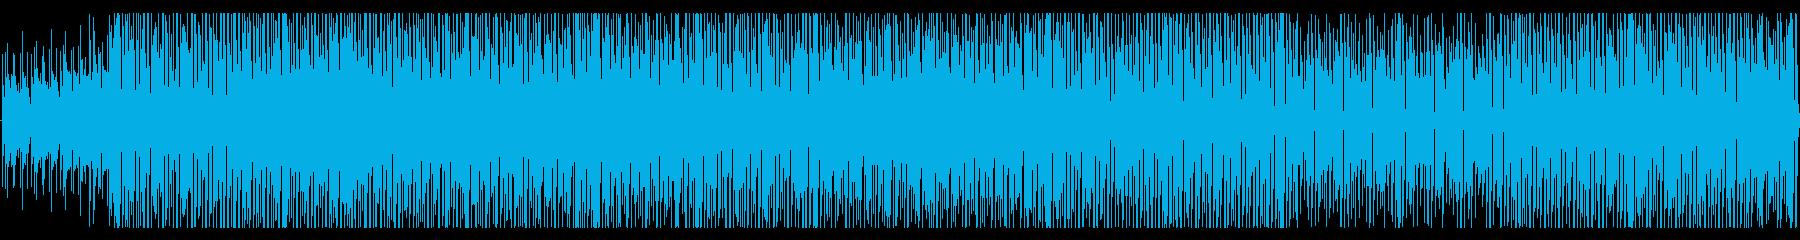 コミカルでワクワクするブラスがメインの曲の再生済みの波形